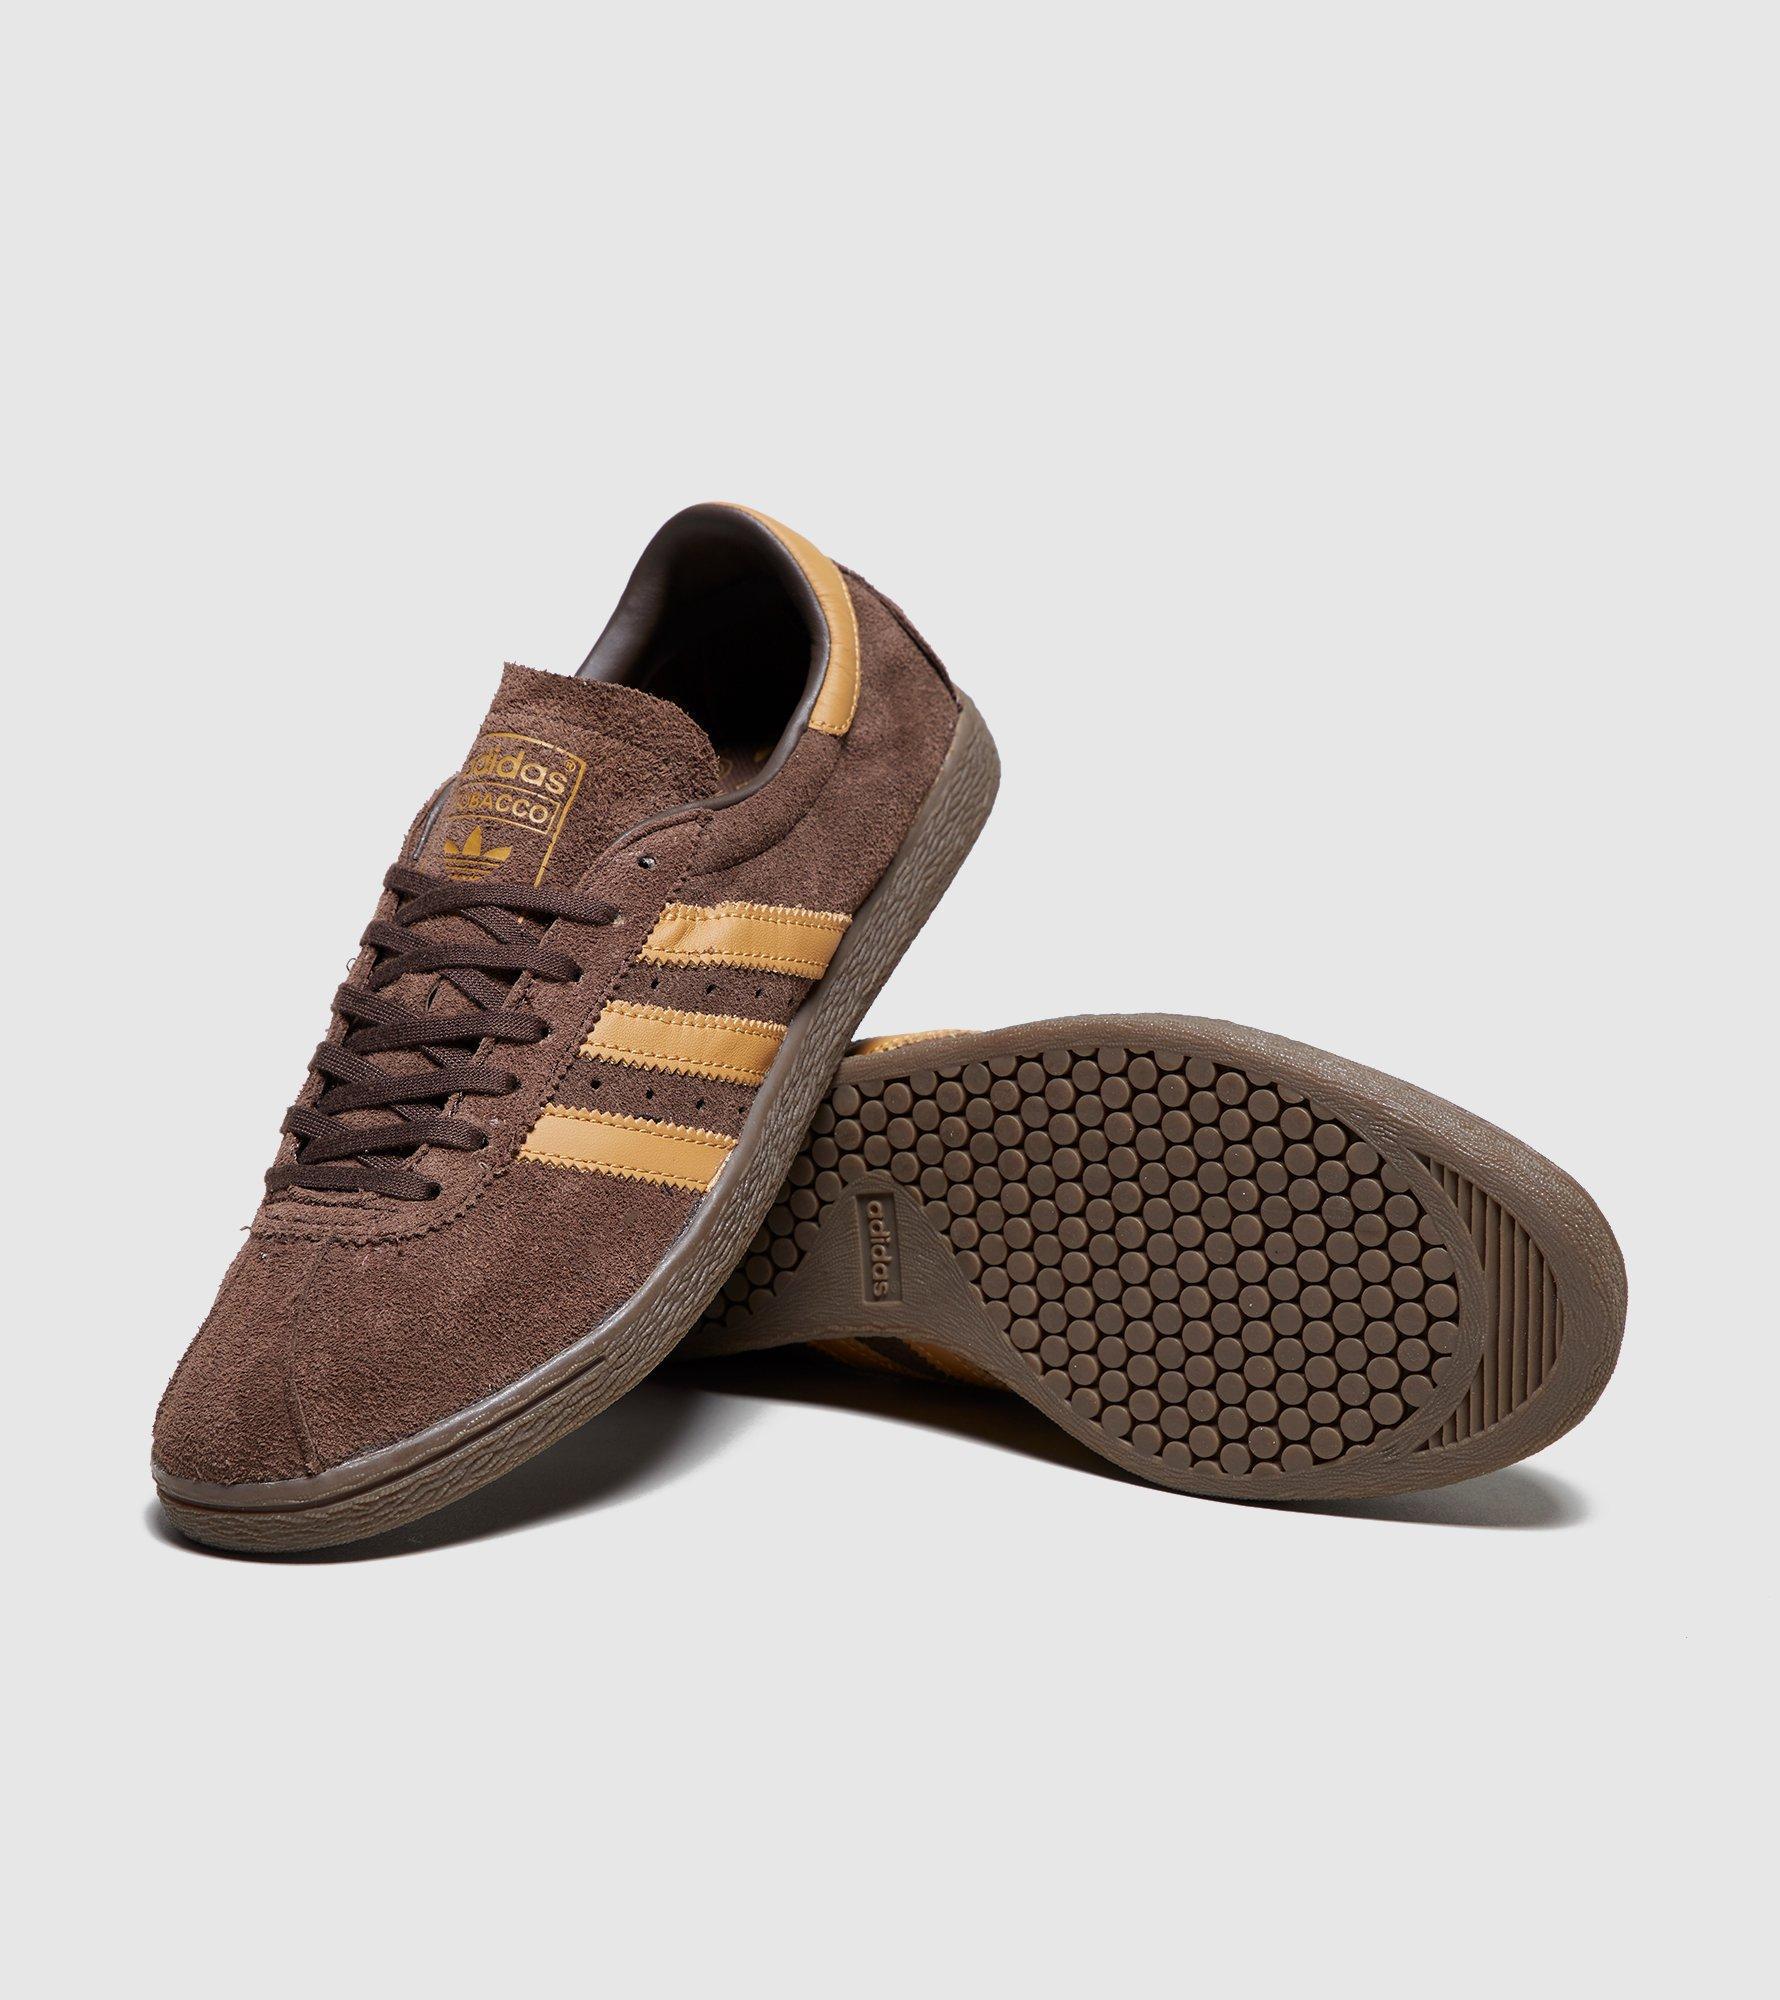 1d5ba27f09e Adidas Originals Tobacco in Brown for Men - Lyst